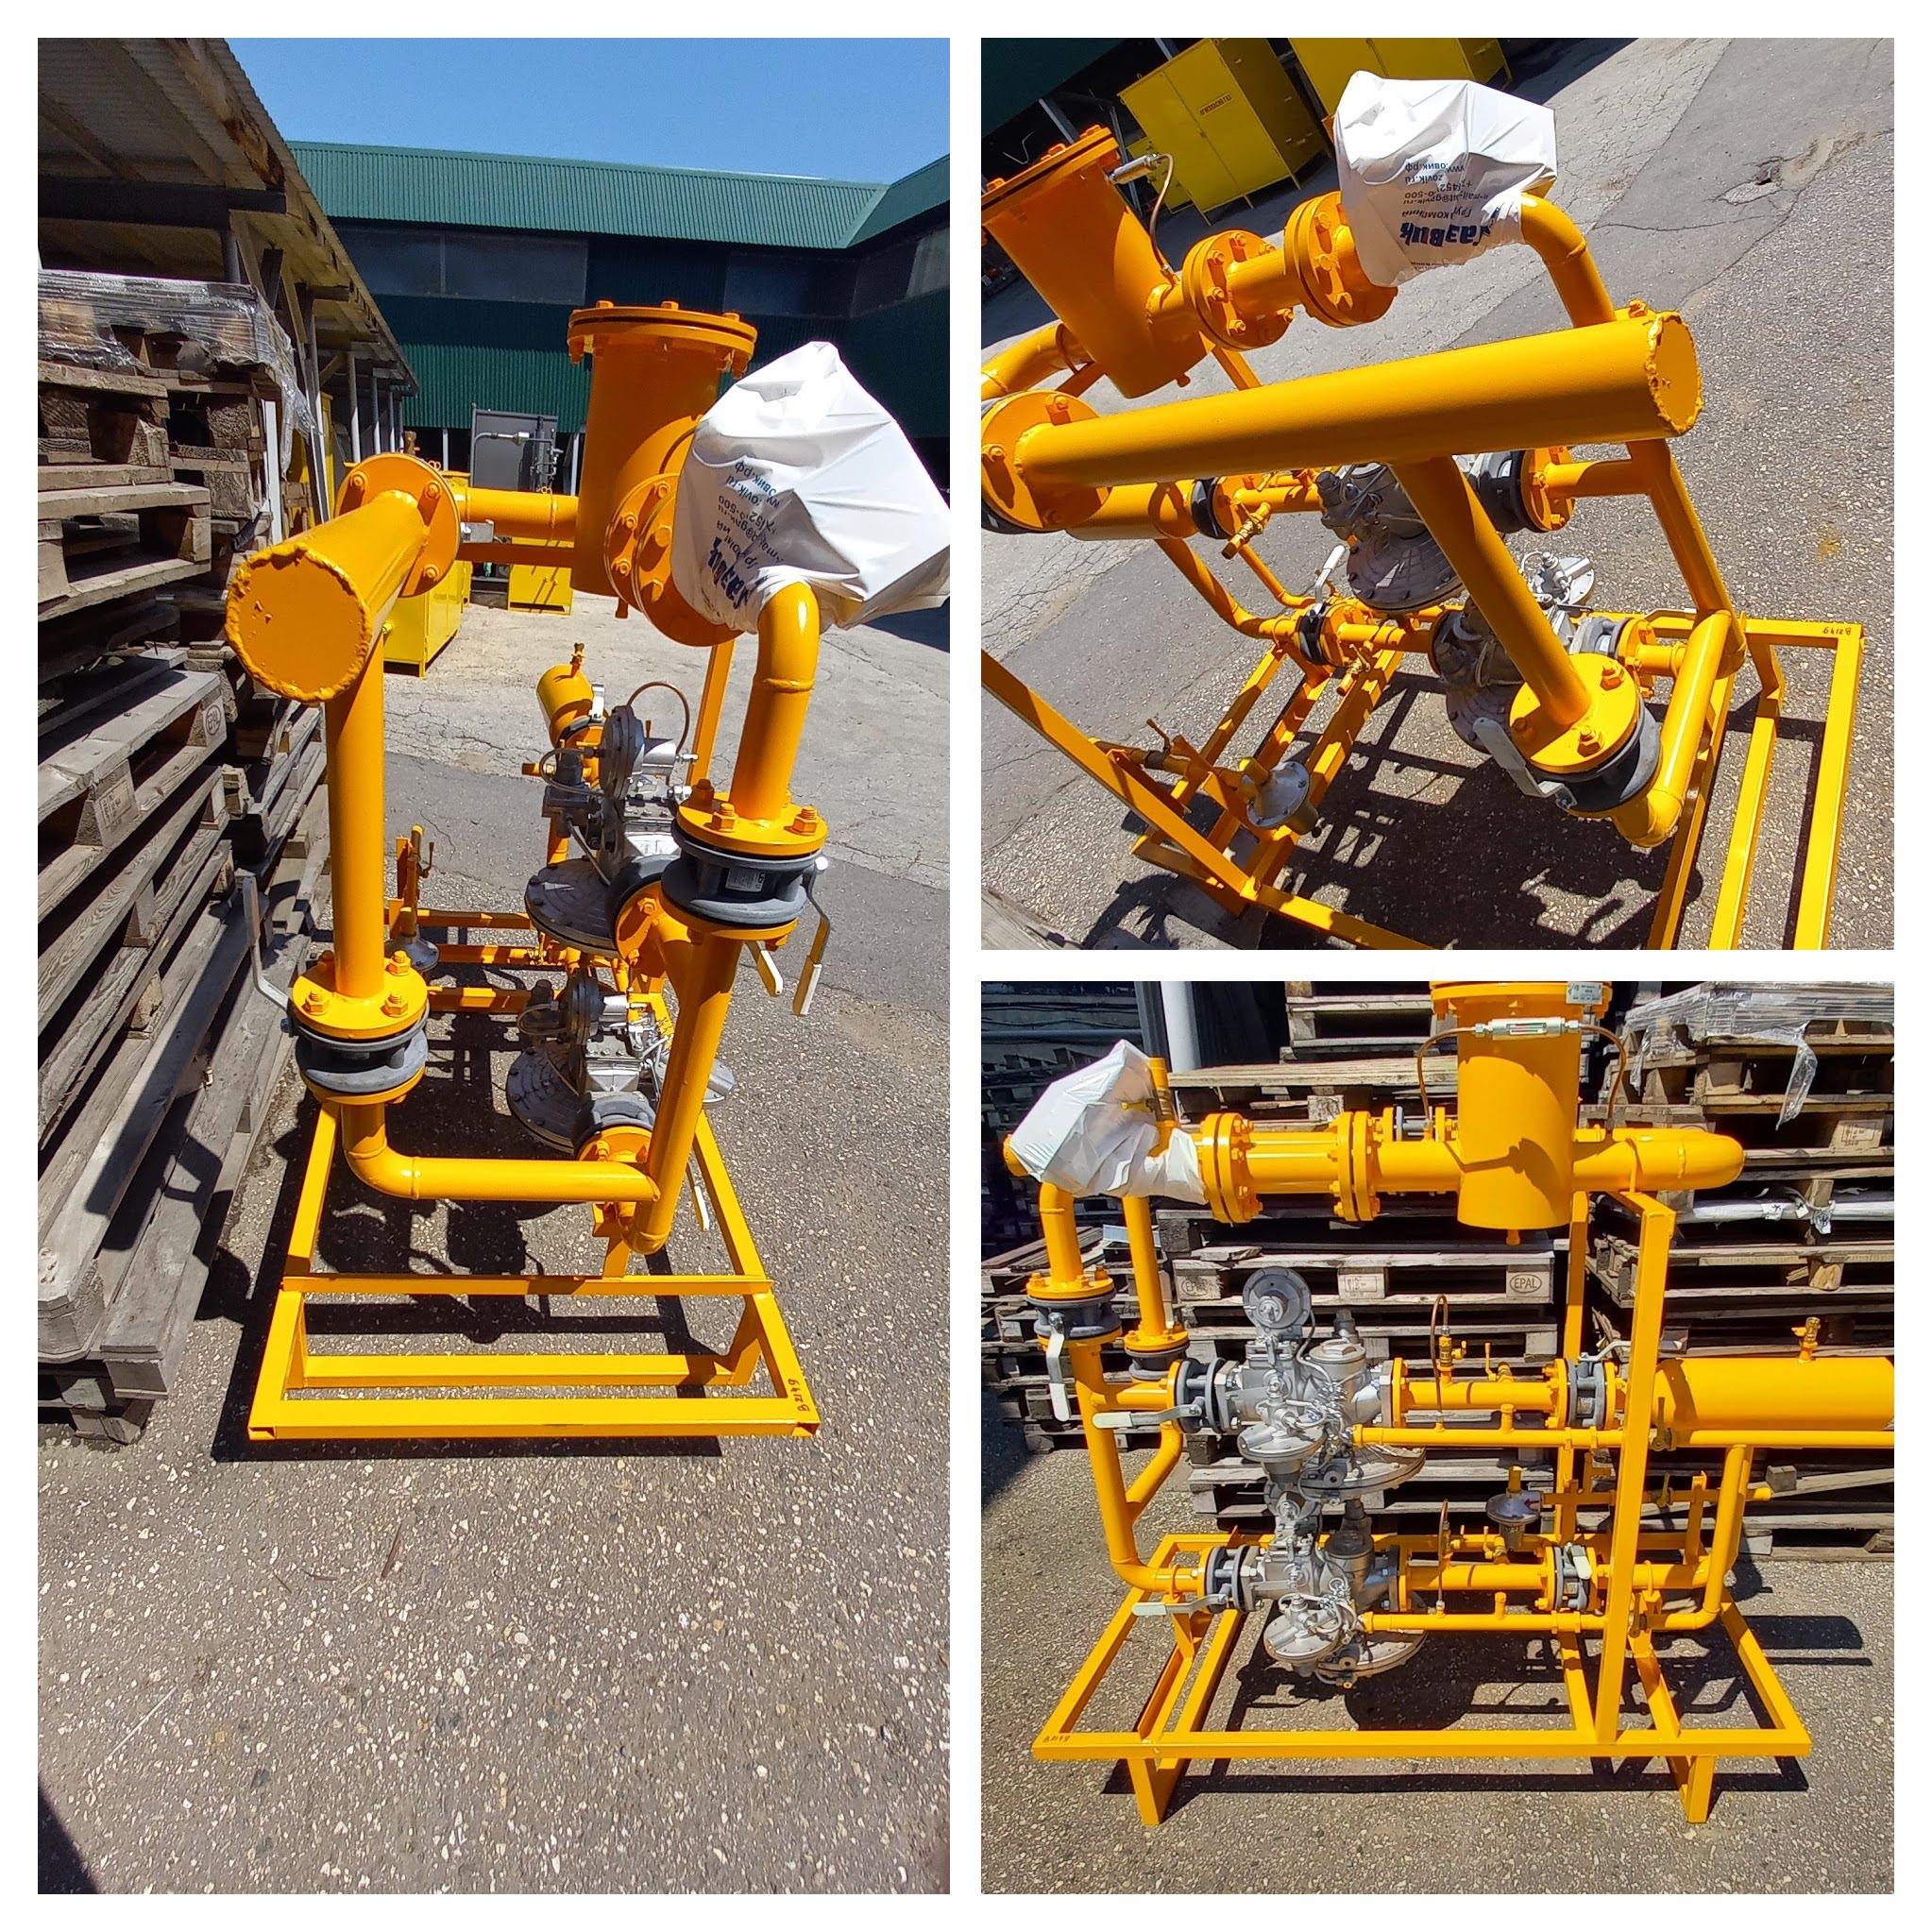 Изготовление газорегуляторной установки Газовичок-В2149-7000